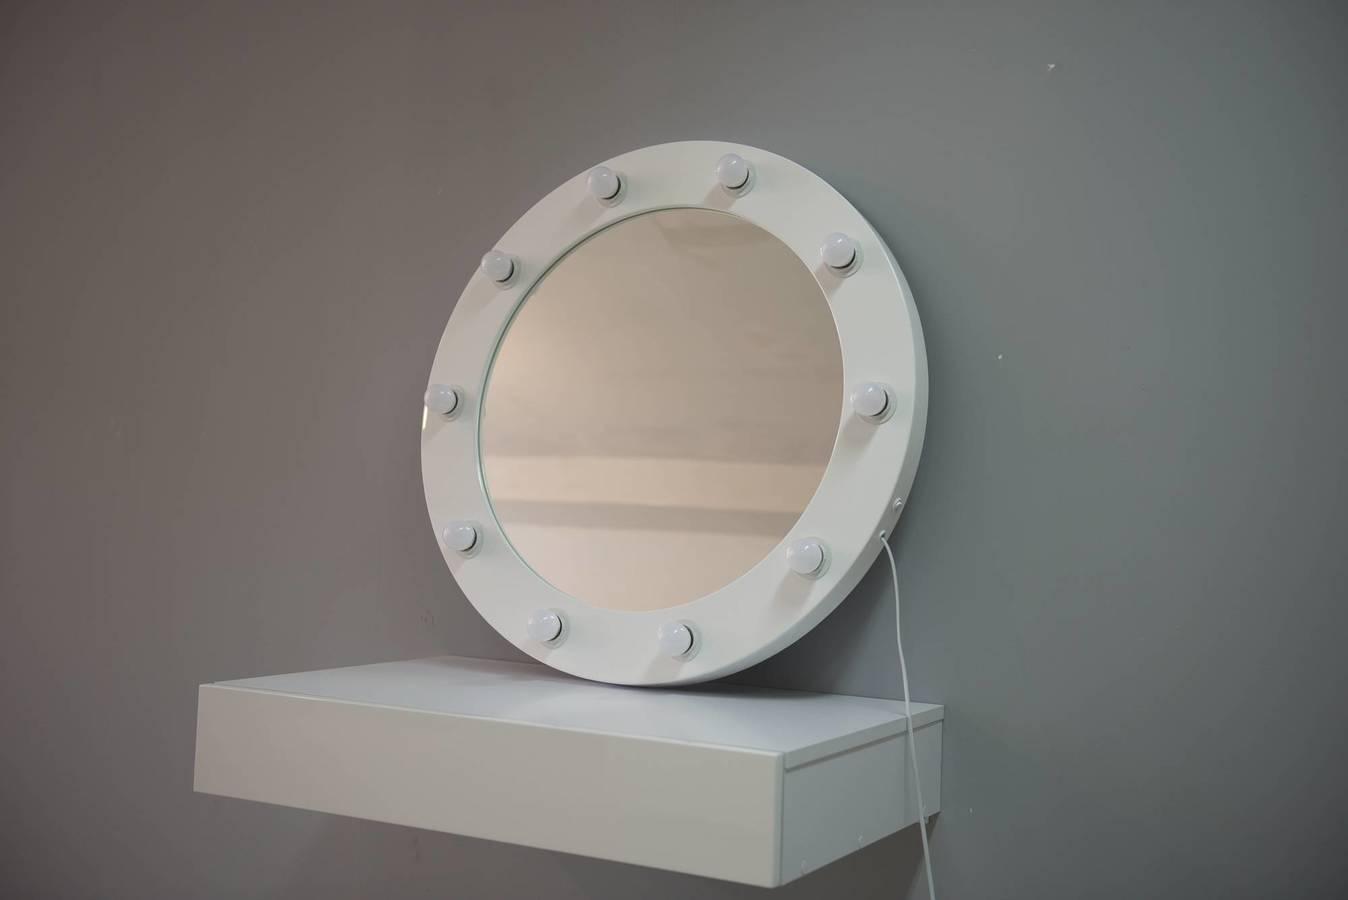 Lustro Oświetlone Do Makijażu Valentine 60cm Rof 10